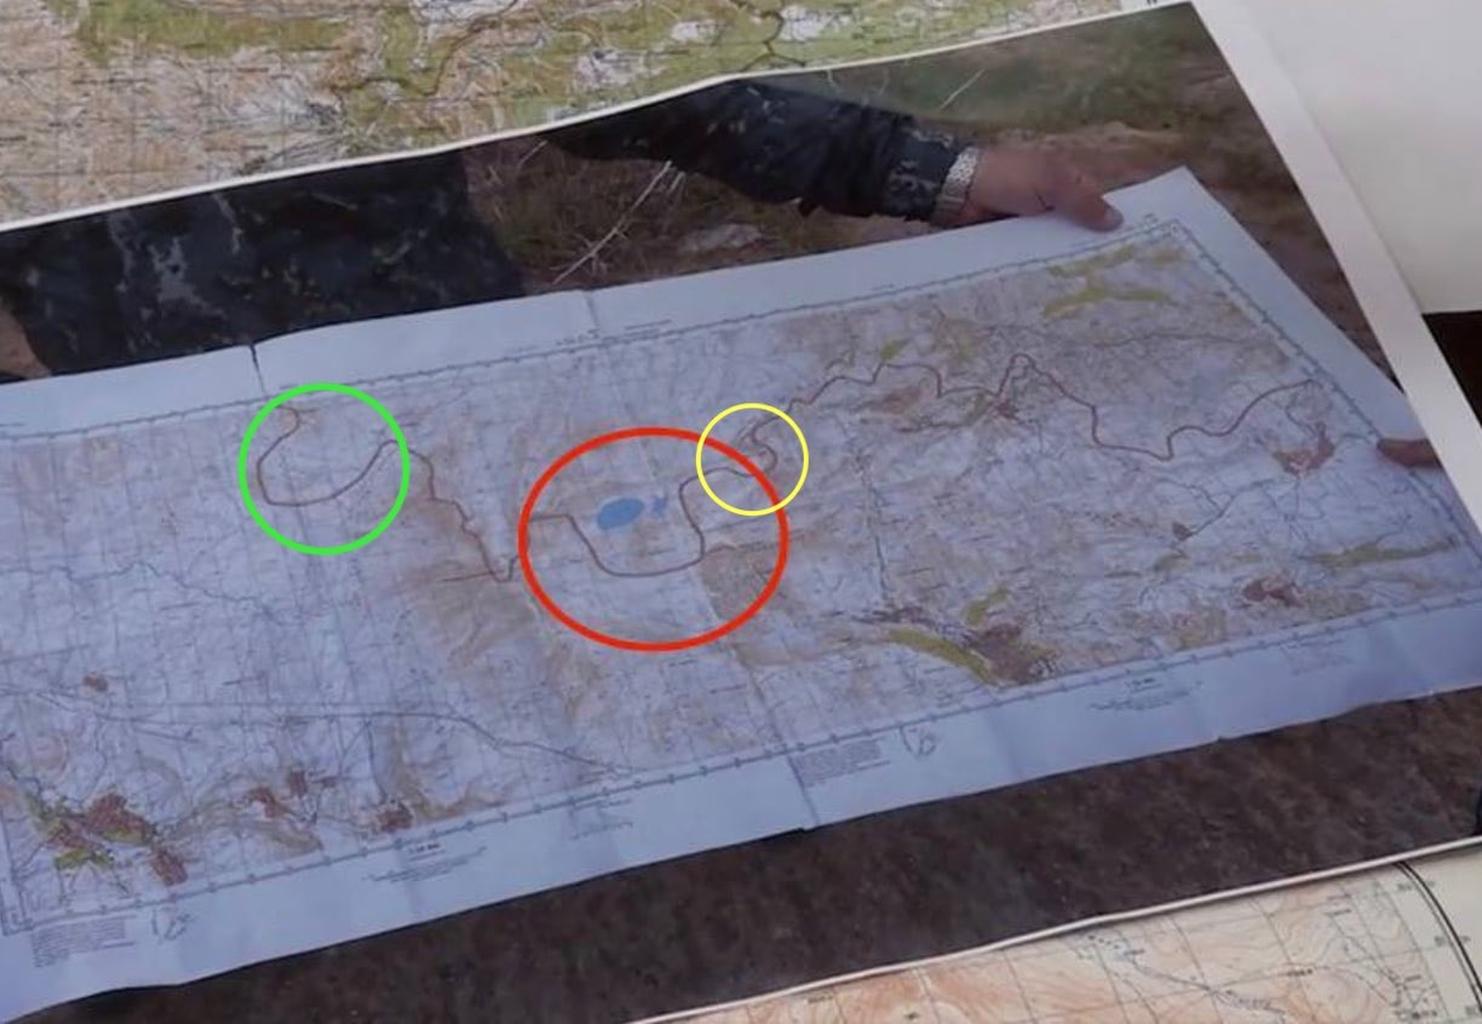 Azeri egységek által a határ kijelölésére használt, láthatóan fals térkép #moszkvater